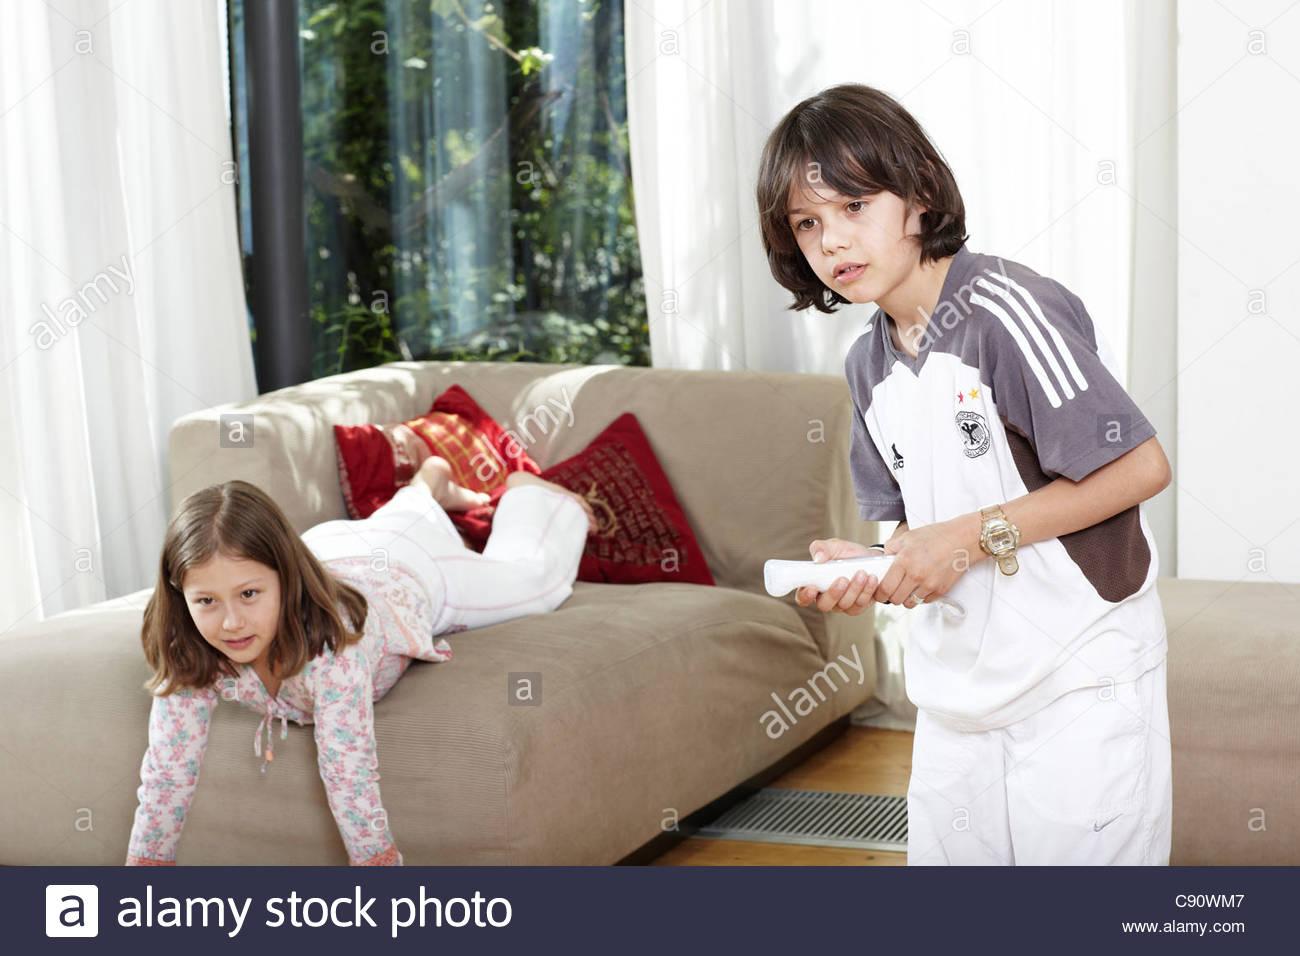 Dos niños (9-10 años) jugando juegos de video, Graefelfing, Baviera, Alemania Imagen De Stock